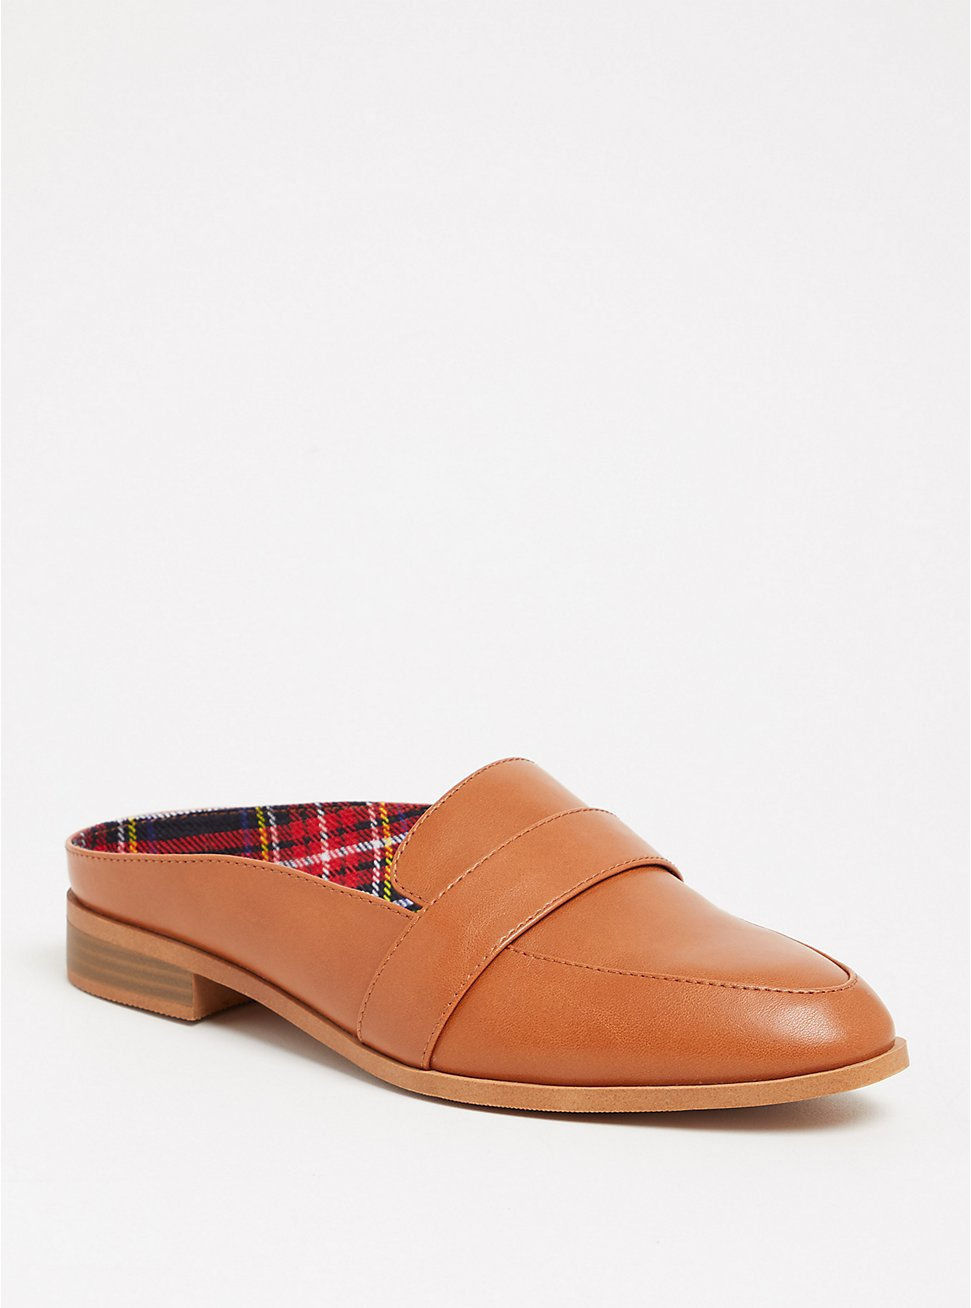 Plus Size Cognac Faux Leather Loafer Mule (WW), COGNAC, hi-res